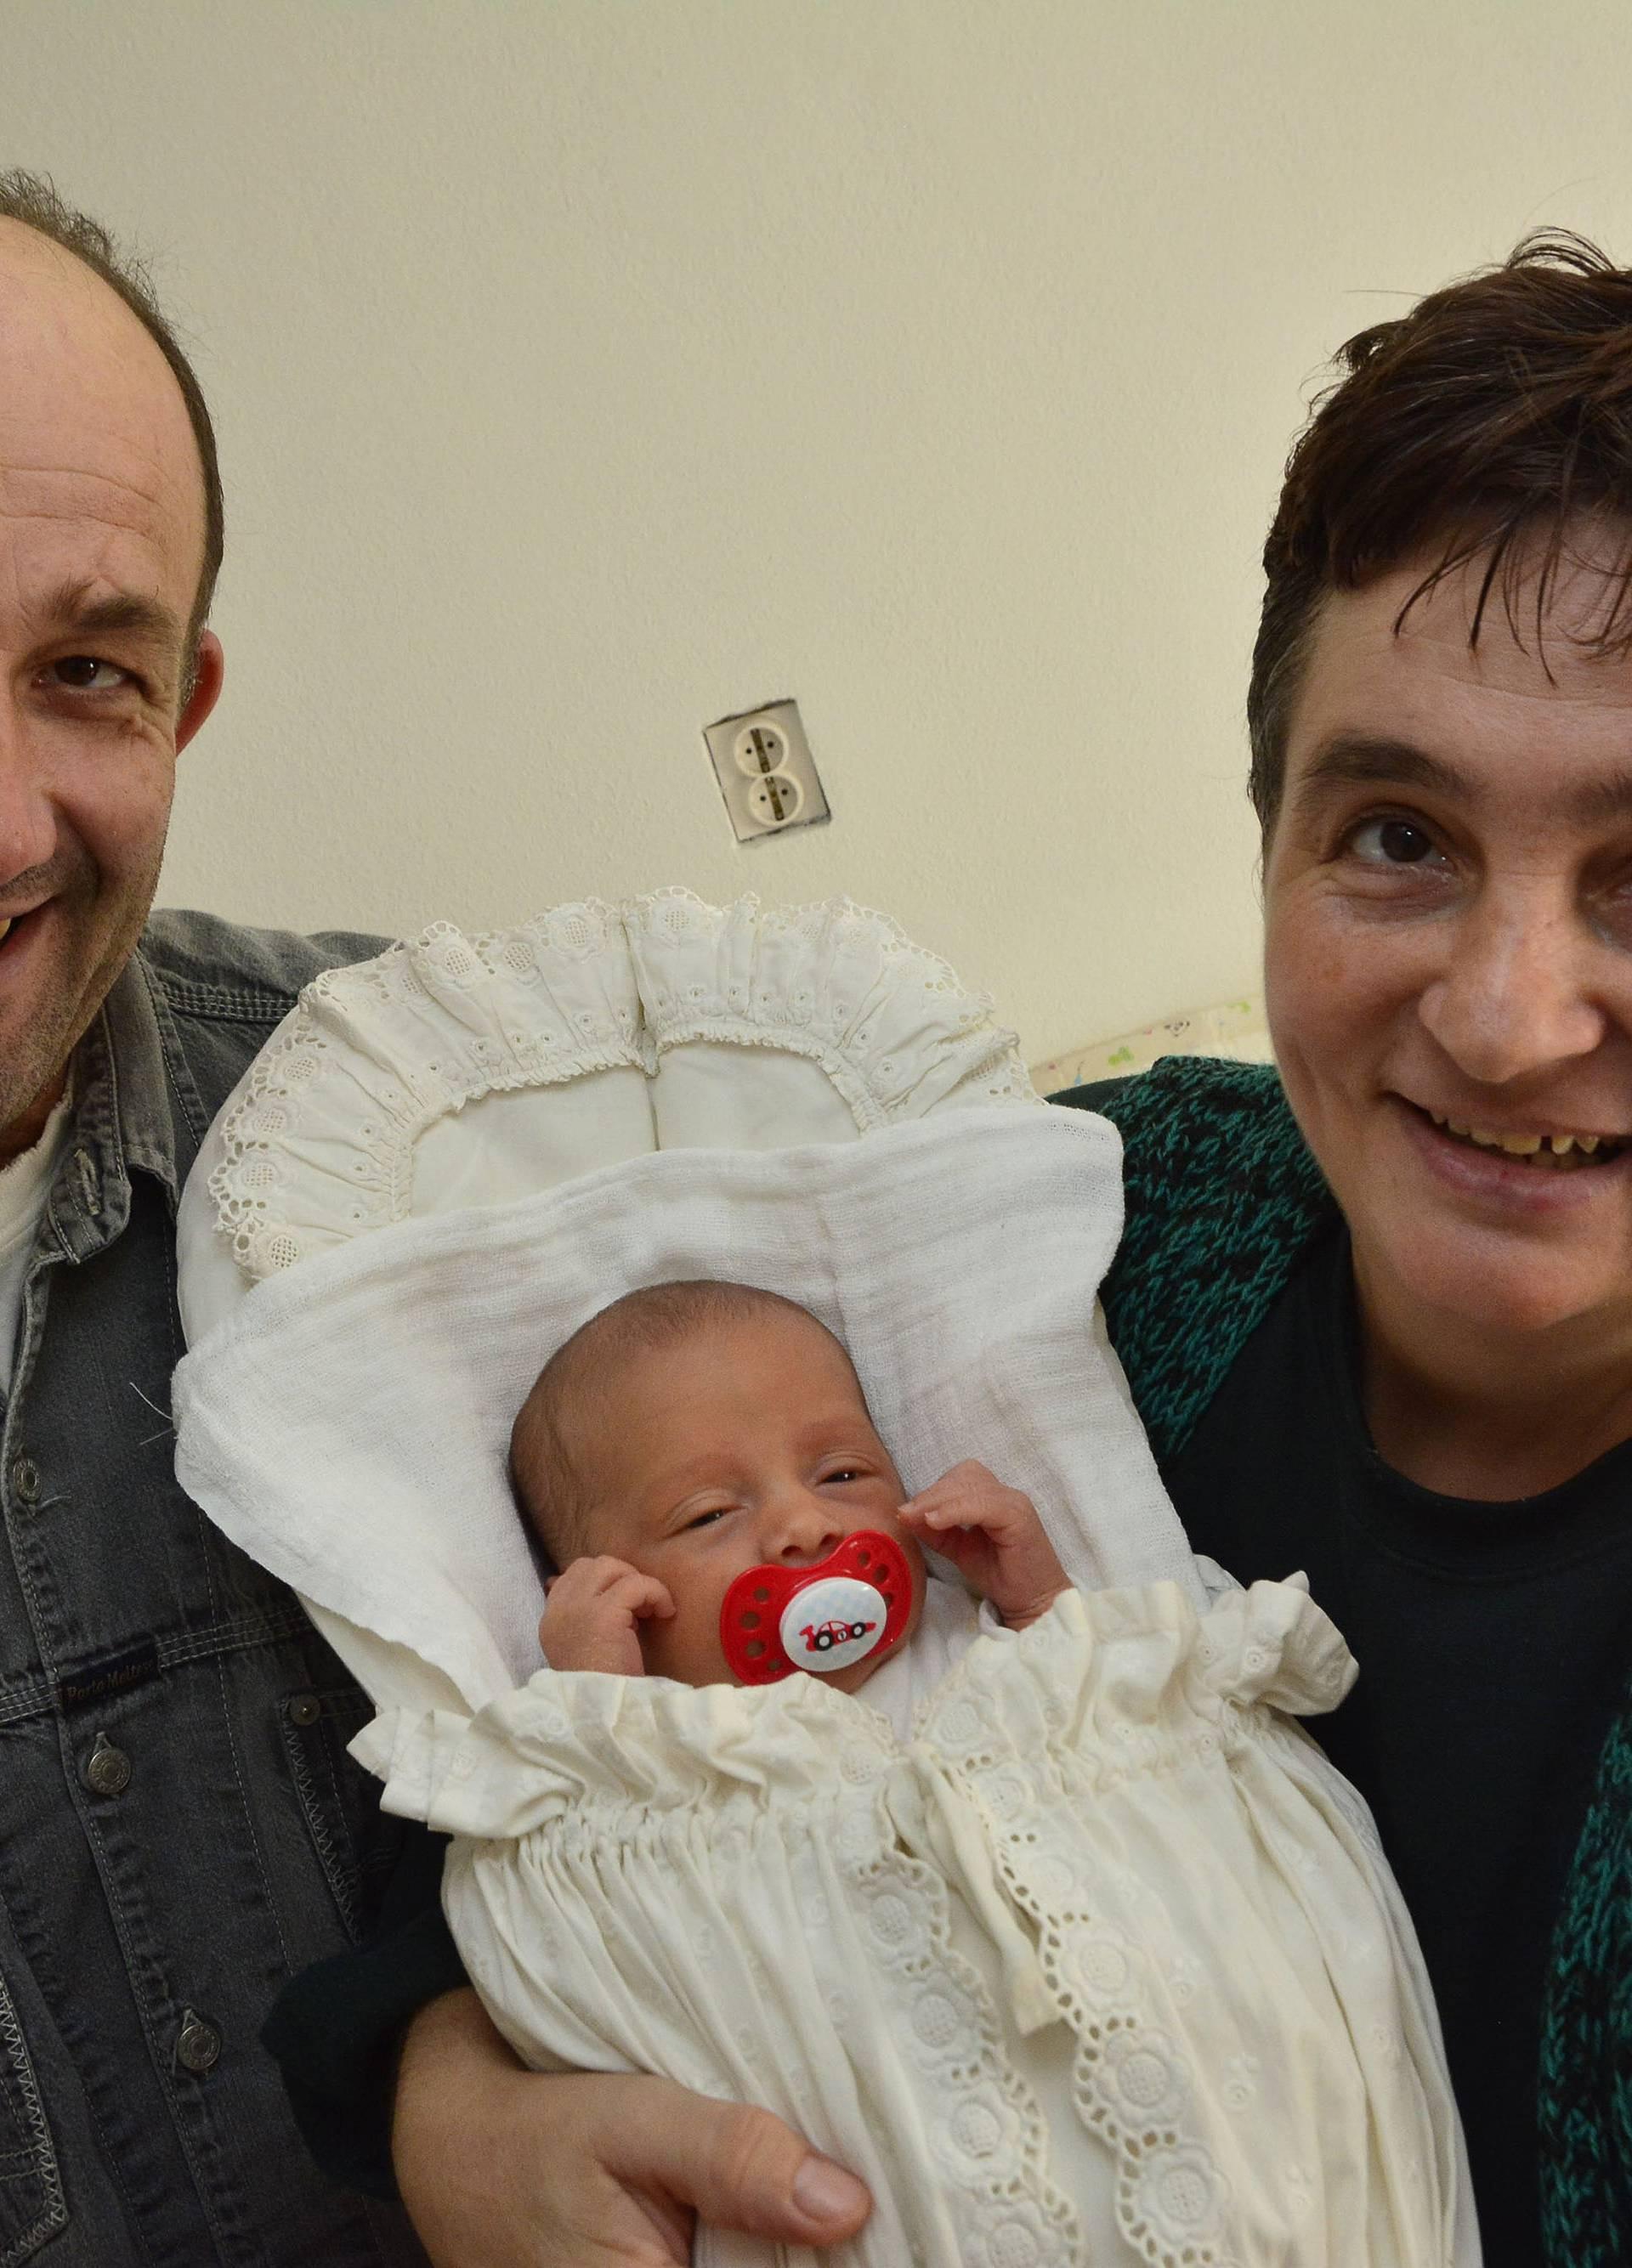 Božji dar: Marija je prvo dijete u našem selu nakon 17 godina